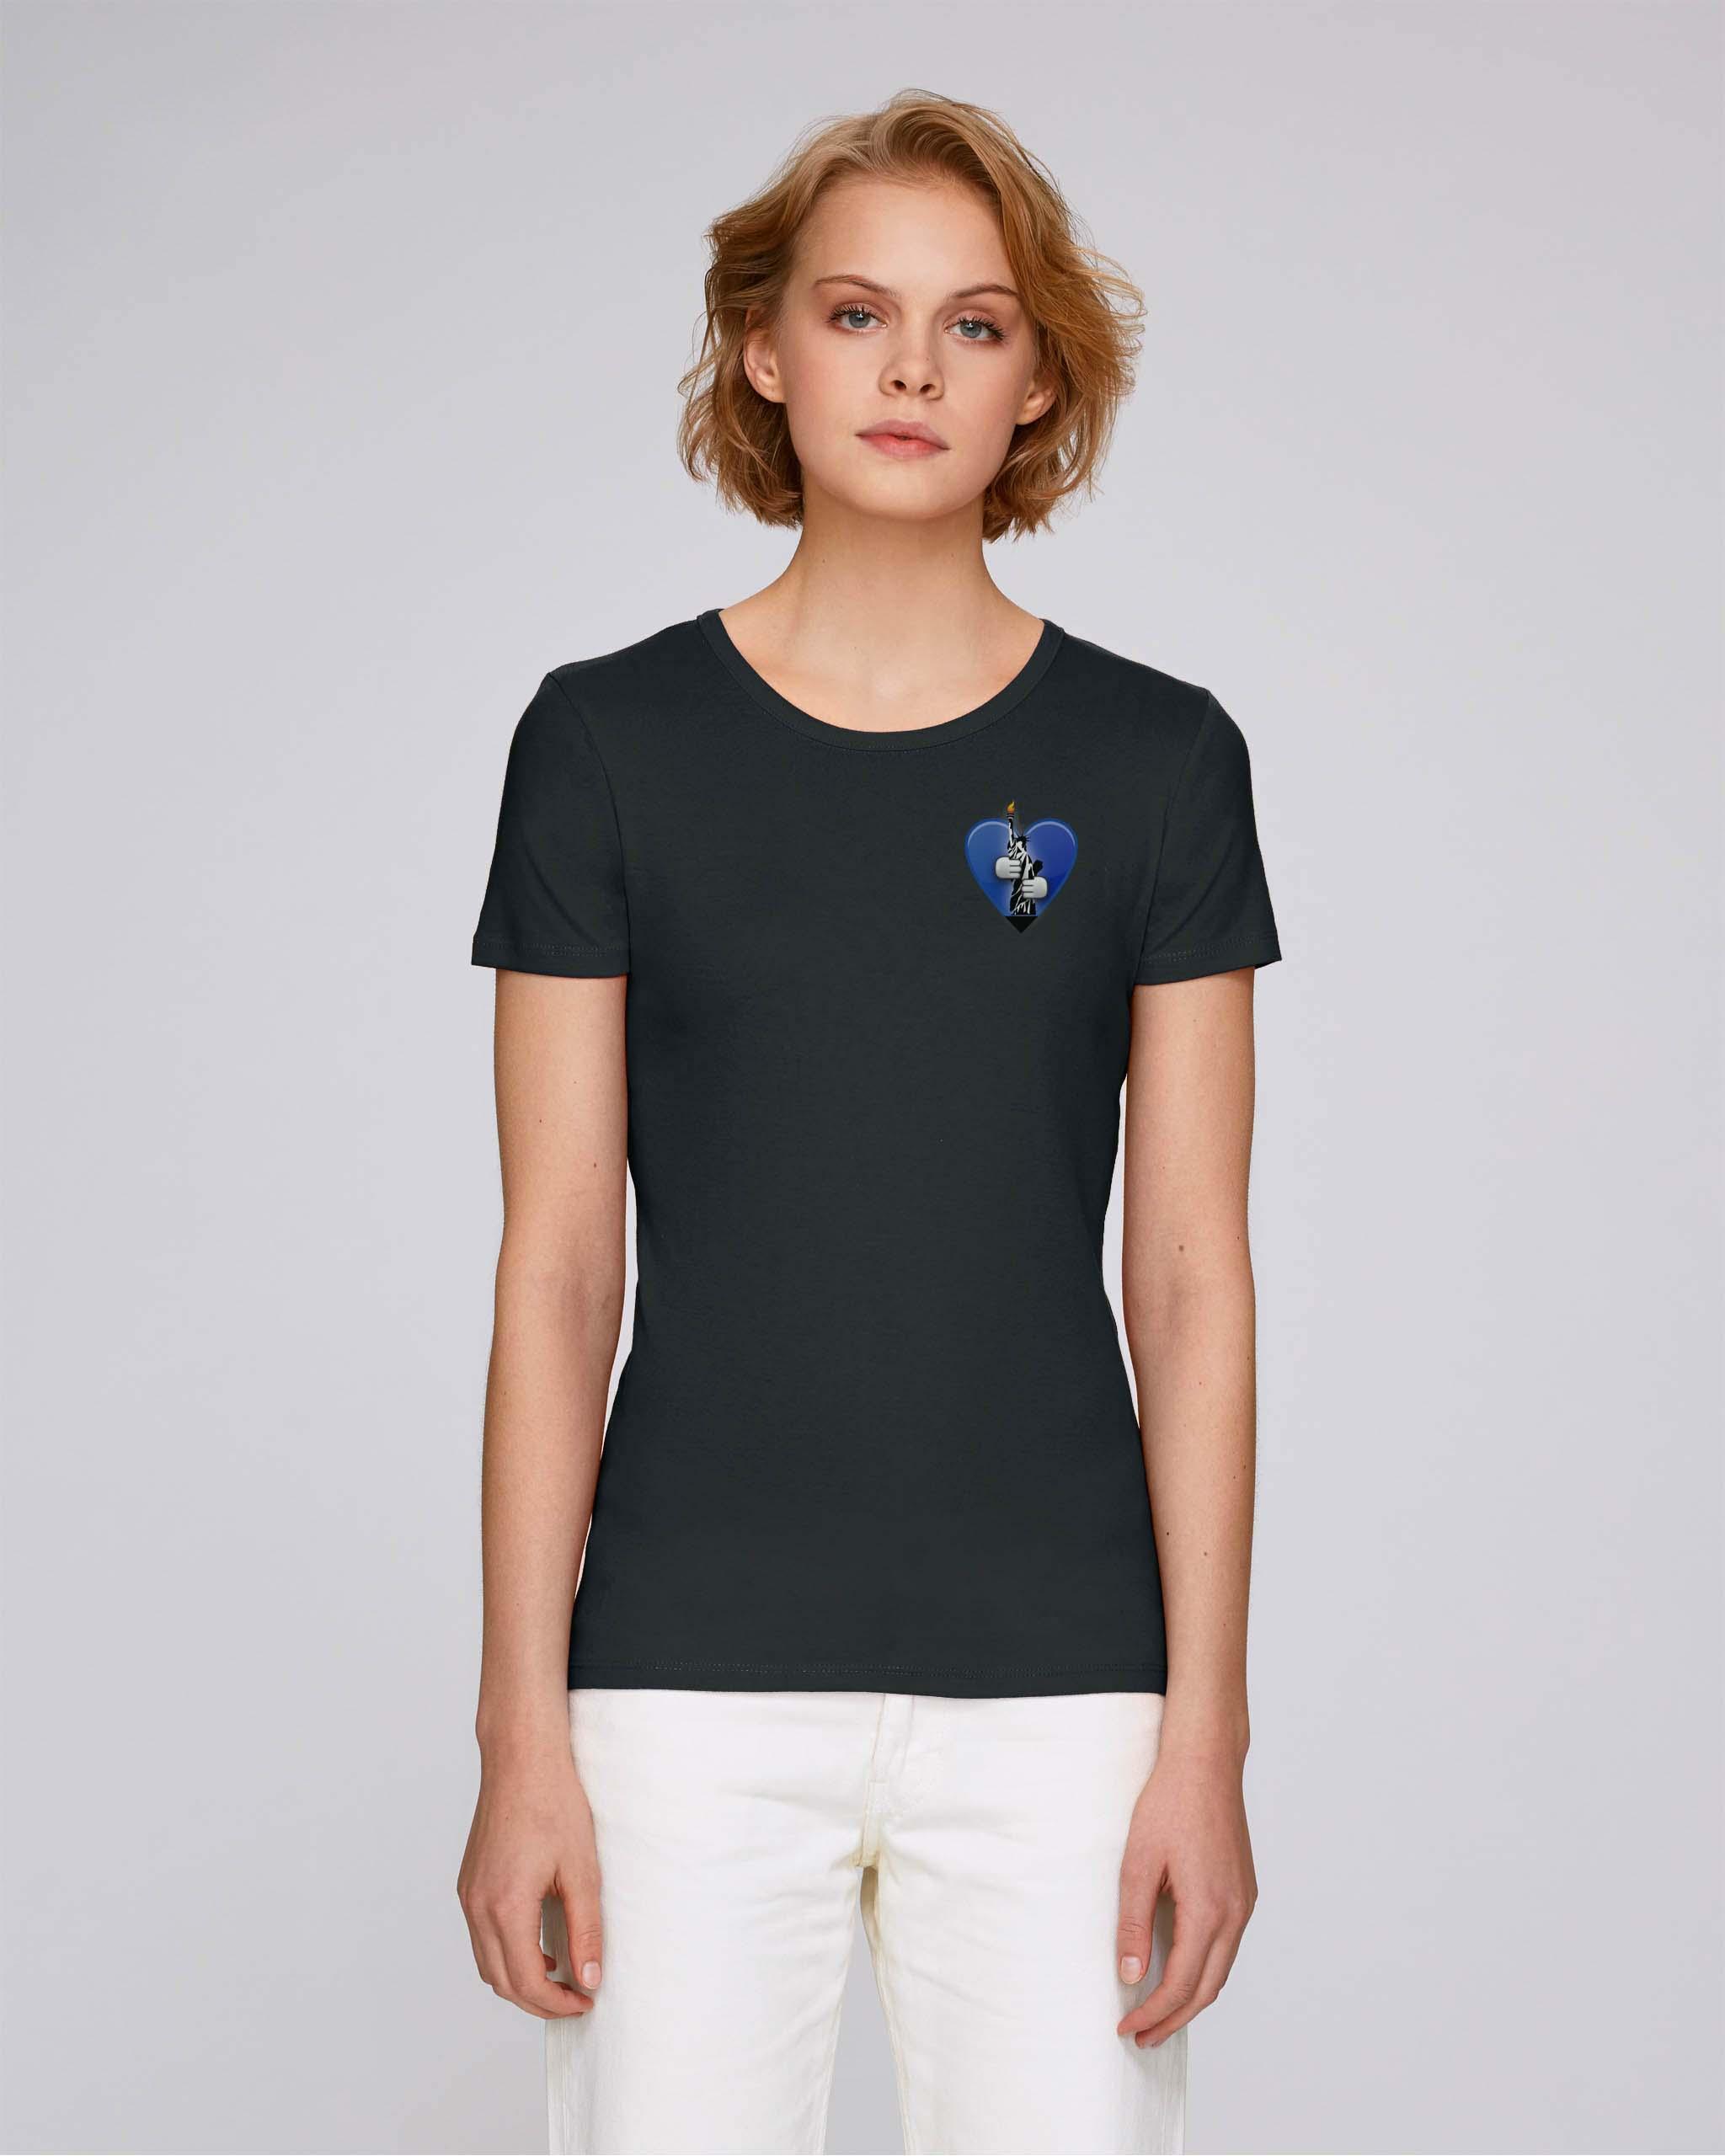 T-Shirt Bio noir Femme – New york tee